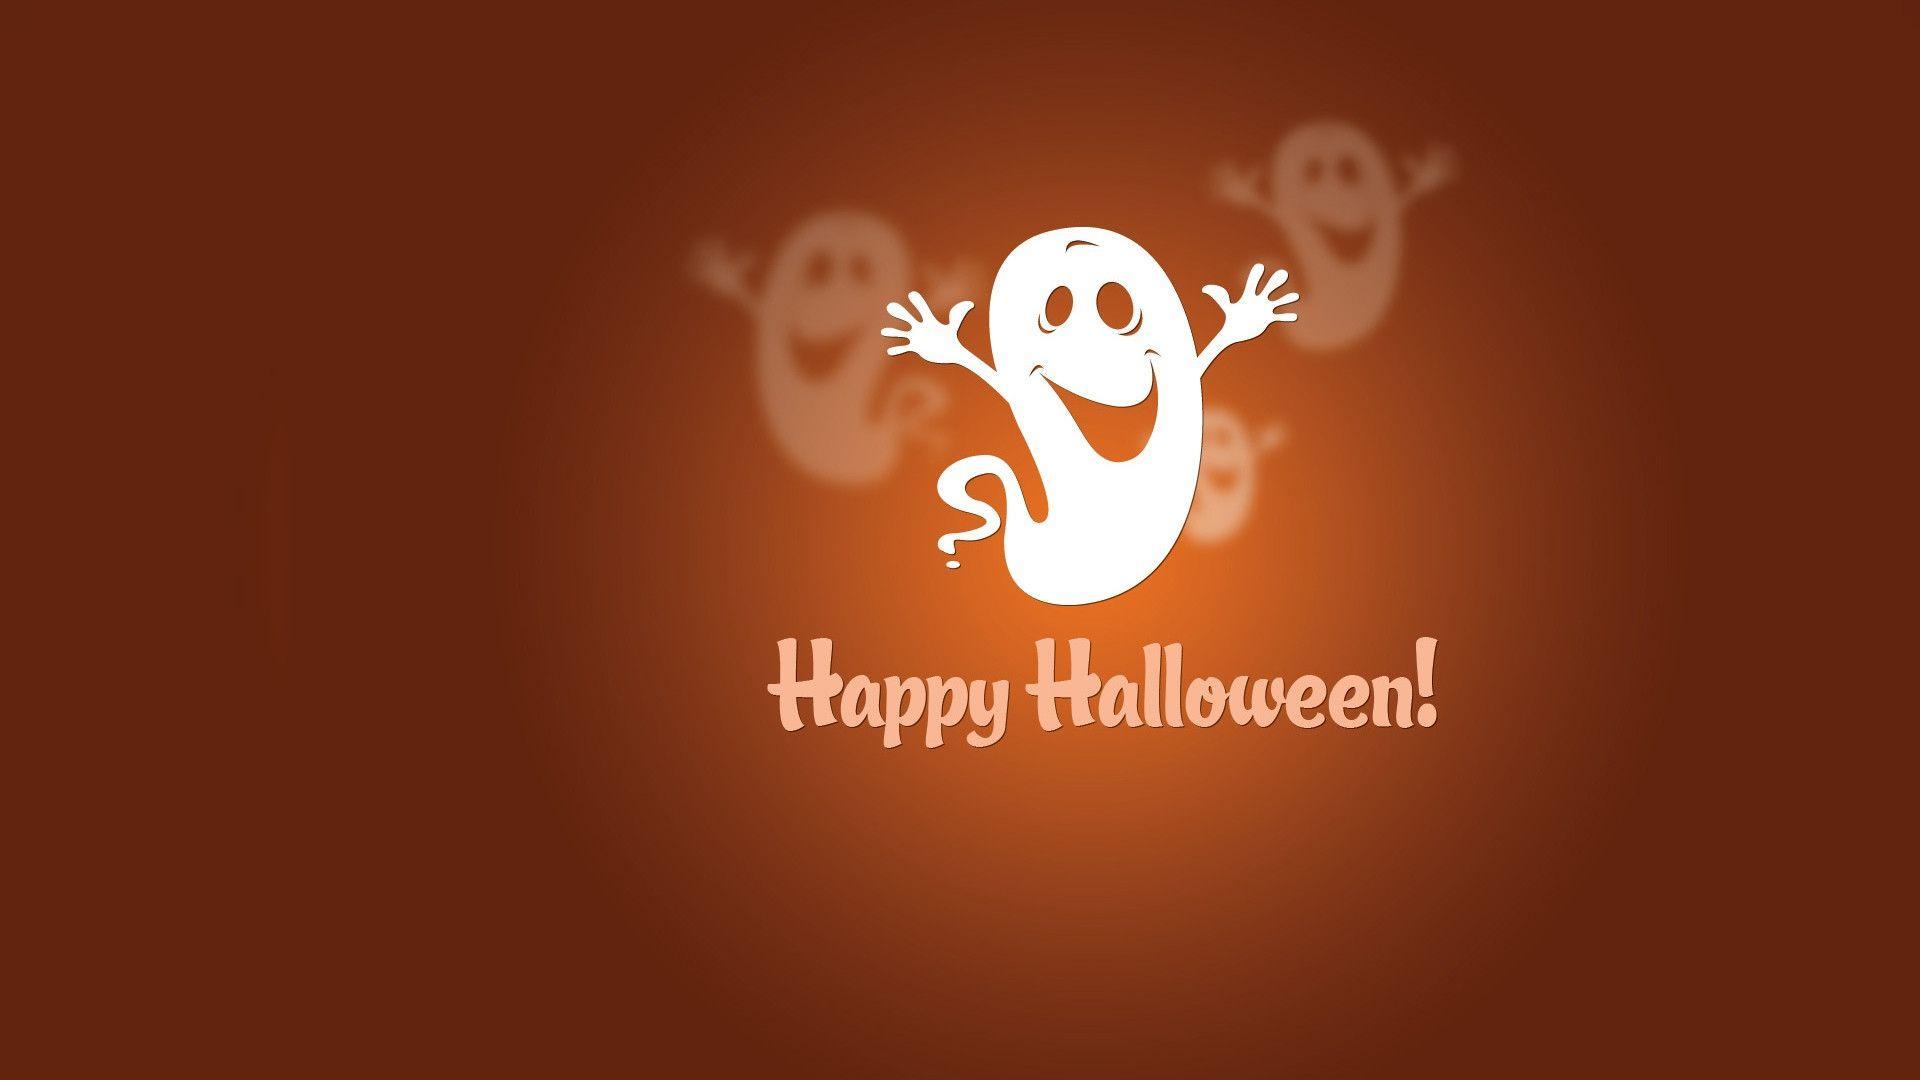 Cute Halloween Desktop Wallpapers 1920x1080